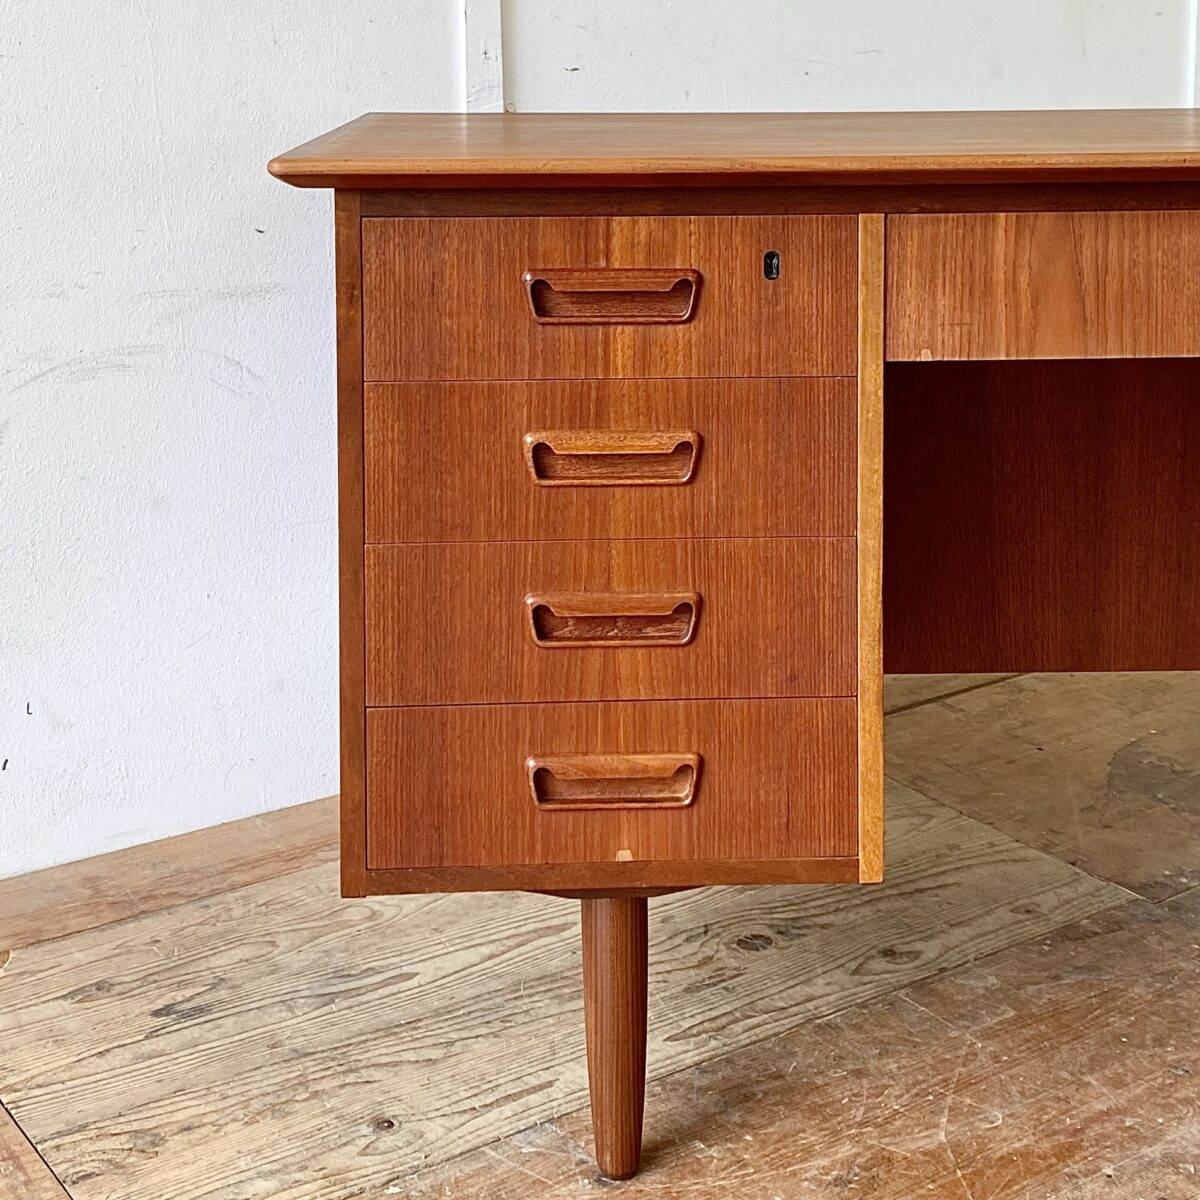 Midcentury Teak Schreibtisch 135x73cm Höhe 74cm. Dieser Tisch ist in gepflegtem guten Zustand. Zwei Schubladen und die Türe sind abschliessbar. Die Rückseite mit Tablar ist ebenfalls schön verarbeitet.